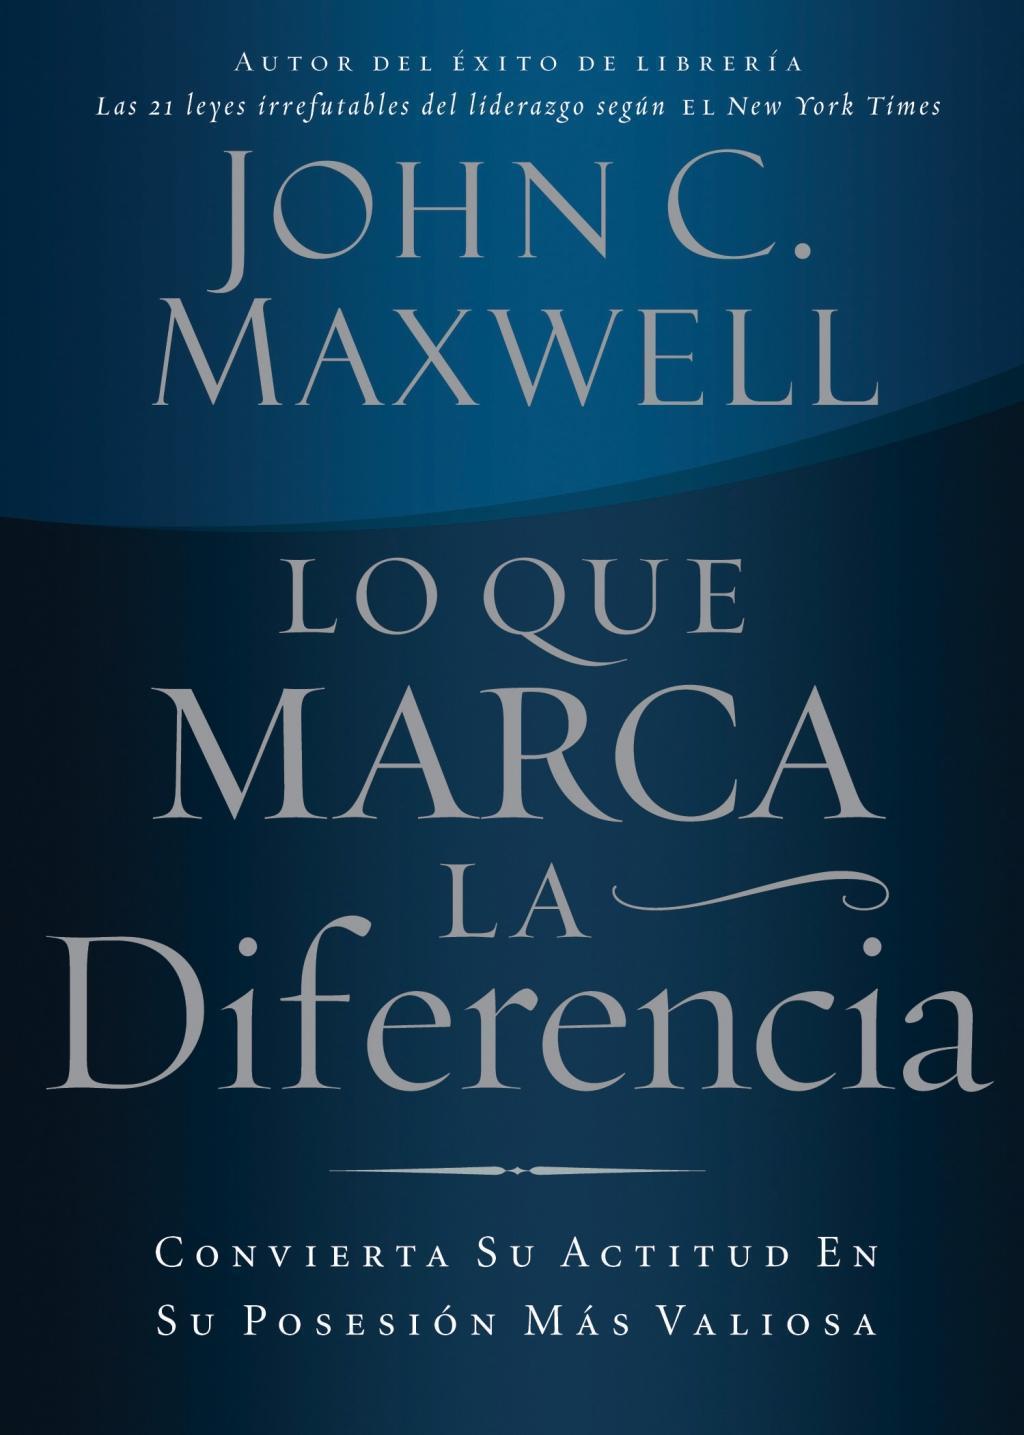 Lo que marca la diferencia